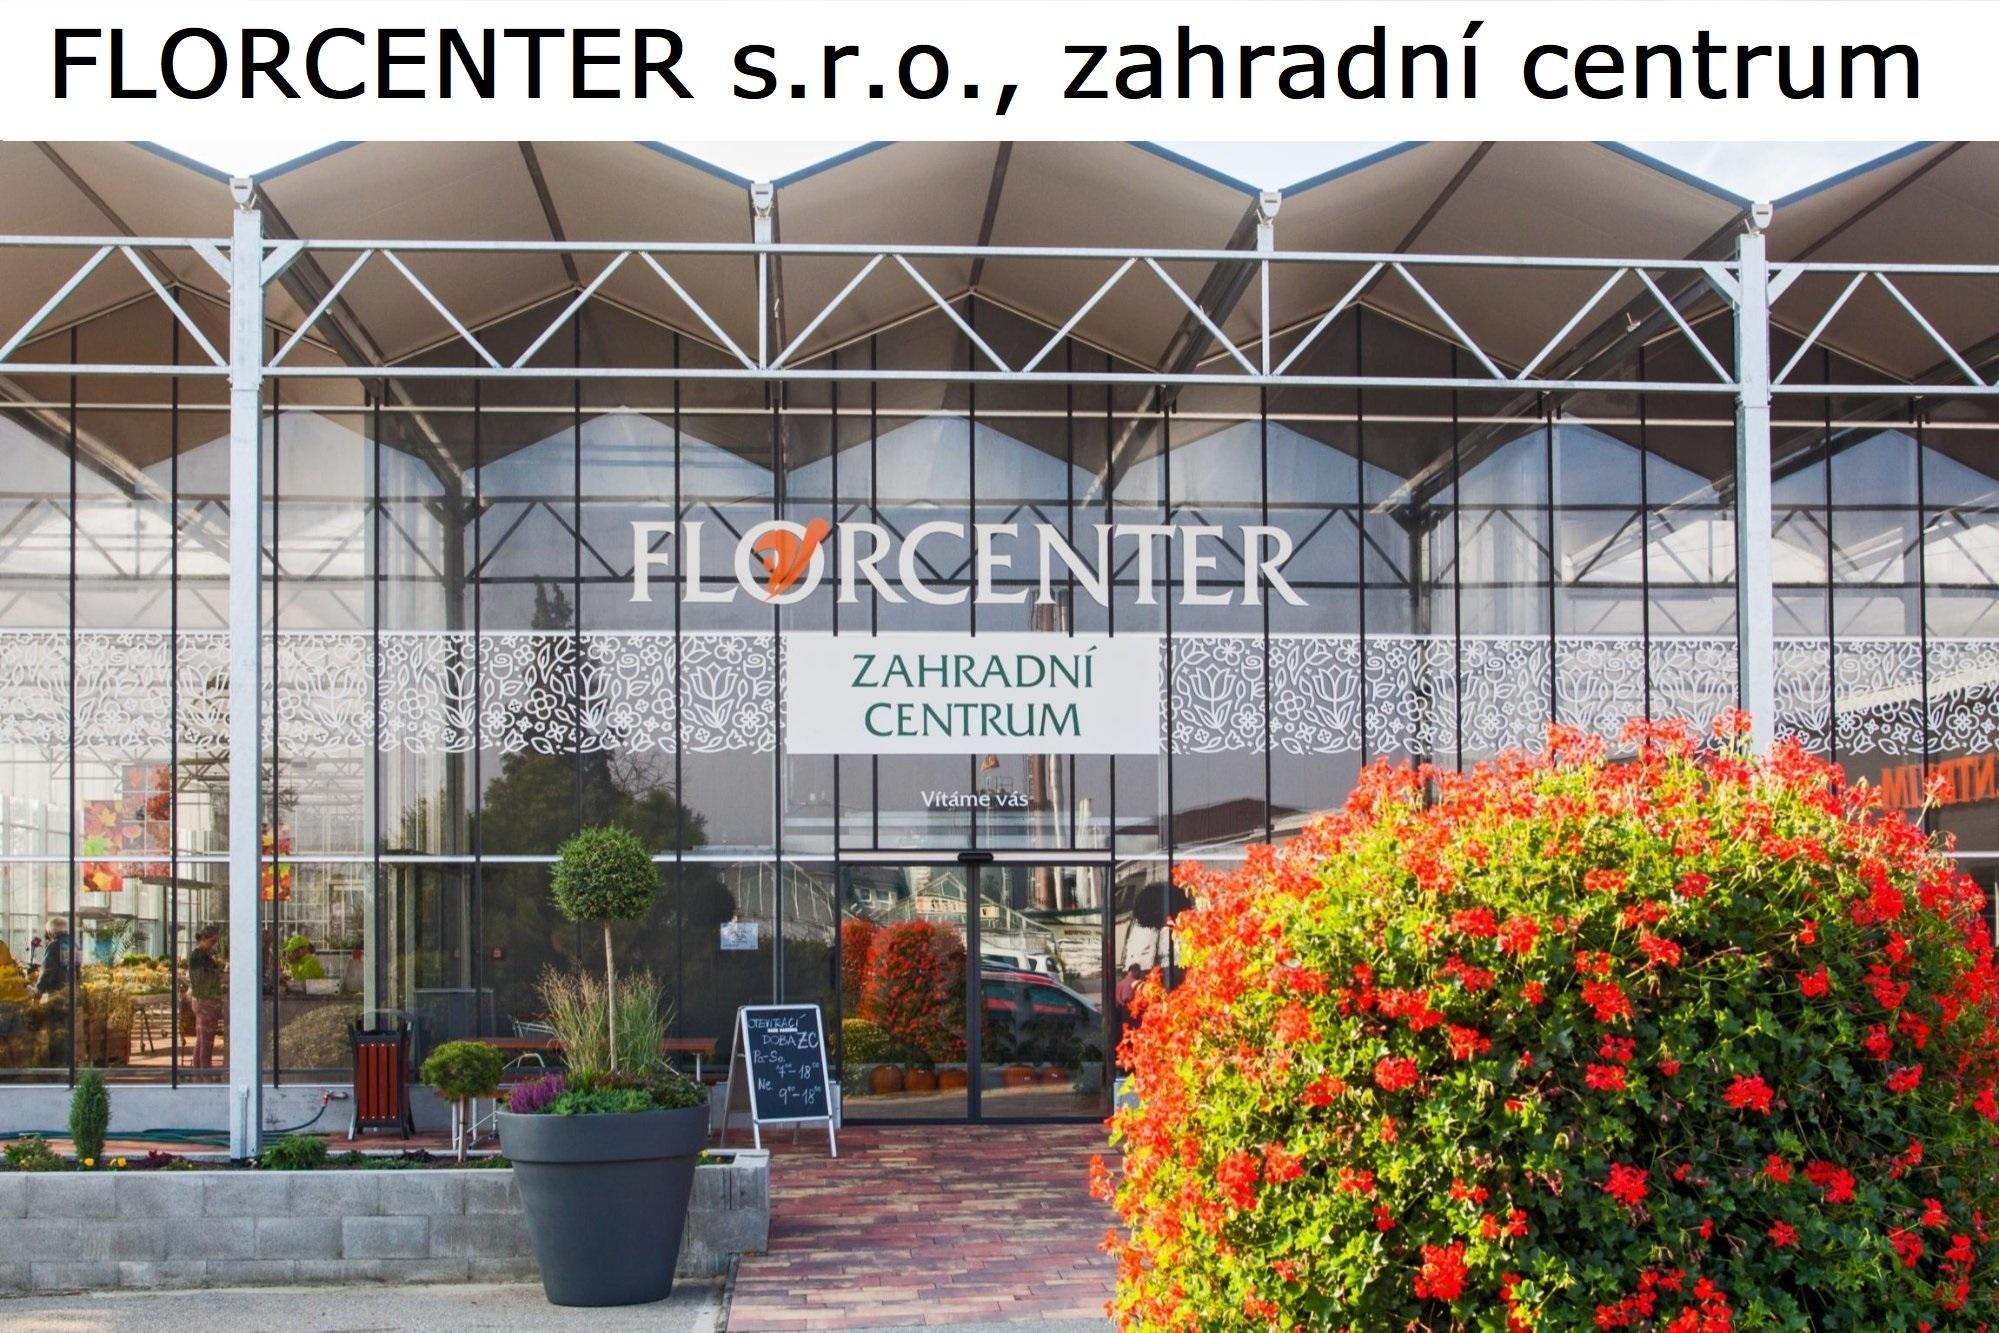 Florcenter